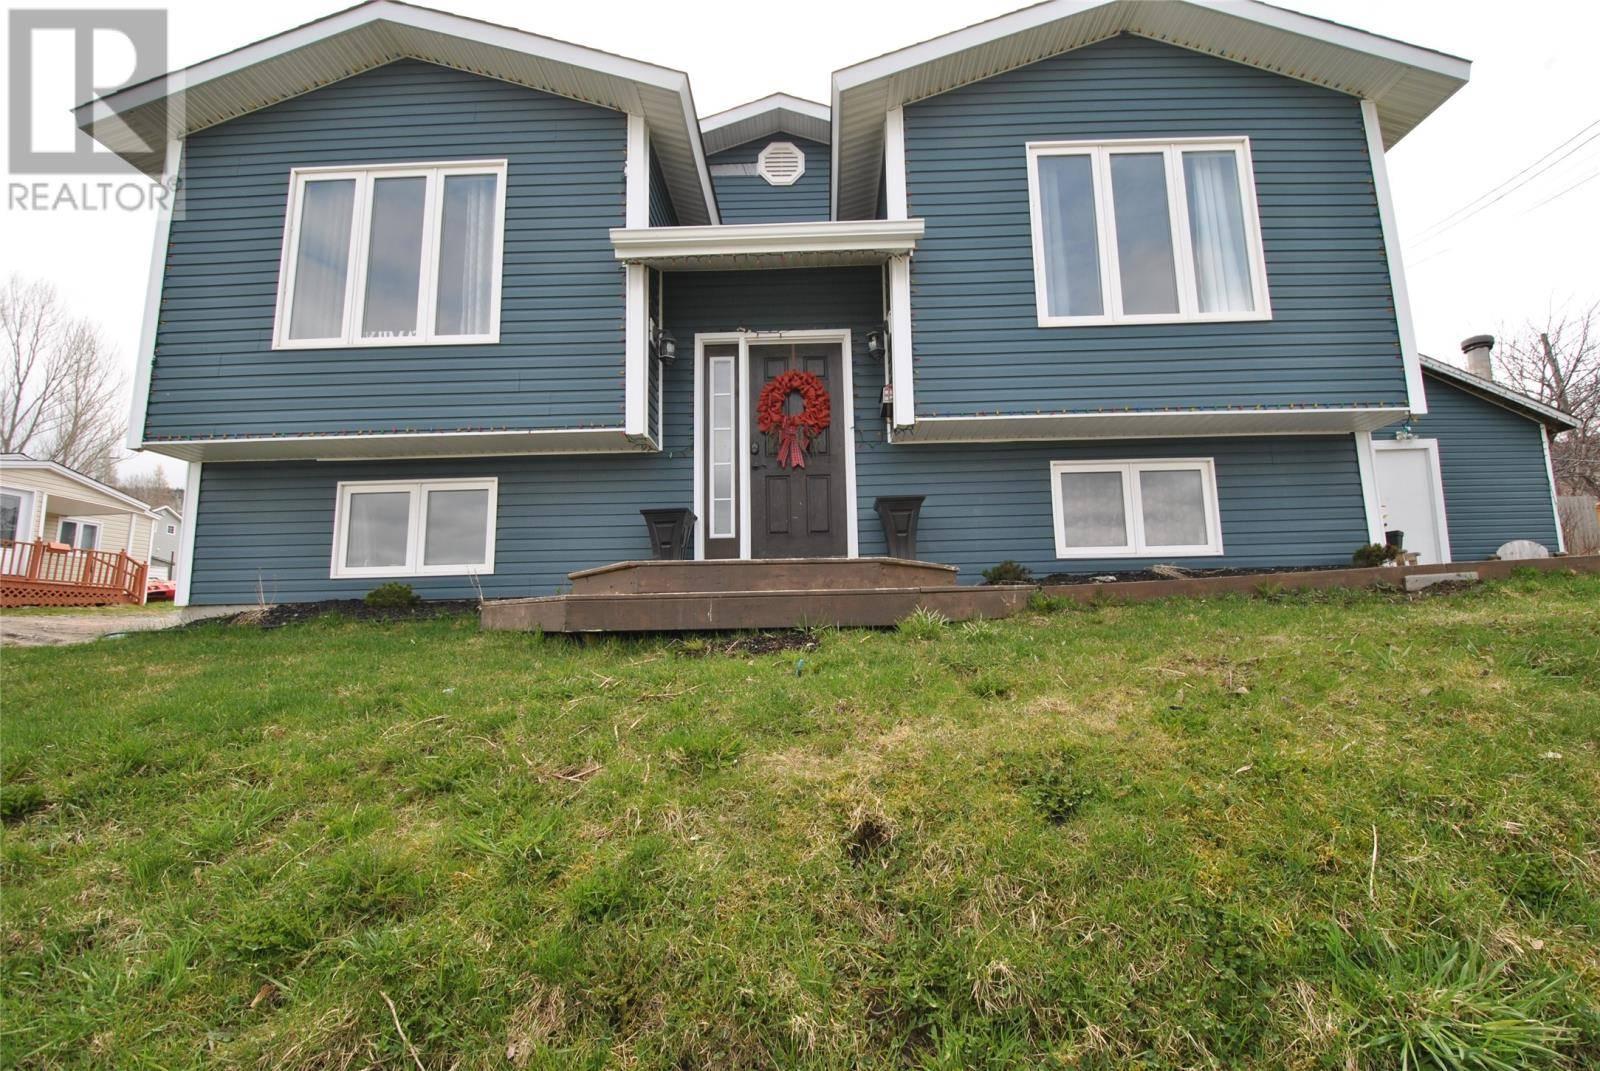 House for sale at 114 Station Rd Corner Brook Newfoundland - MLS: 1196355